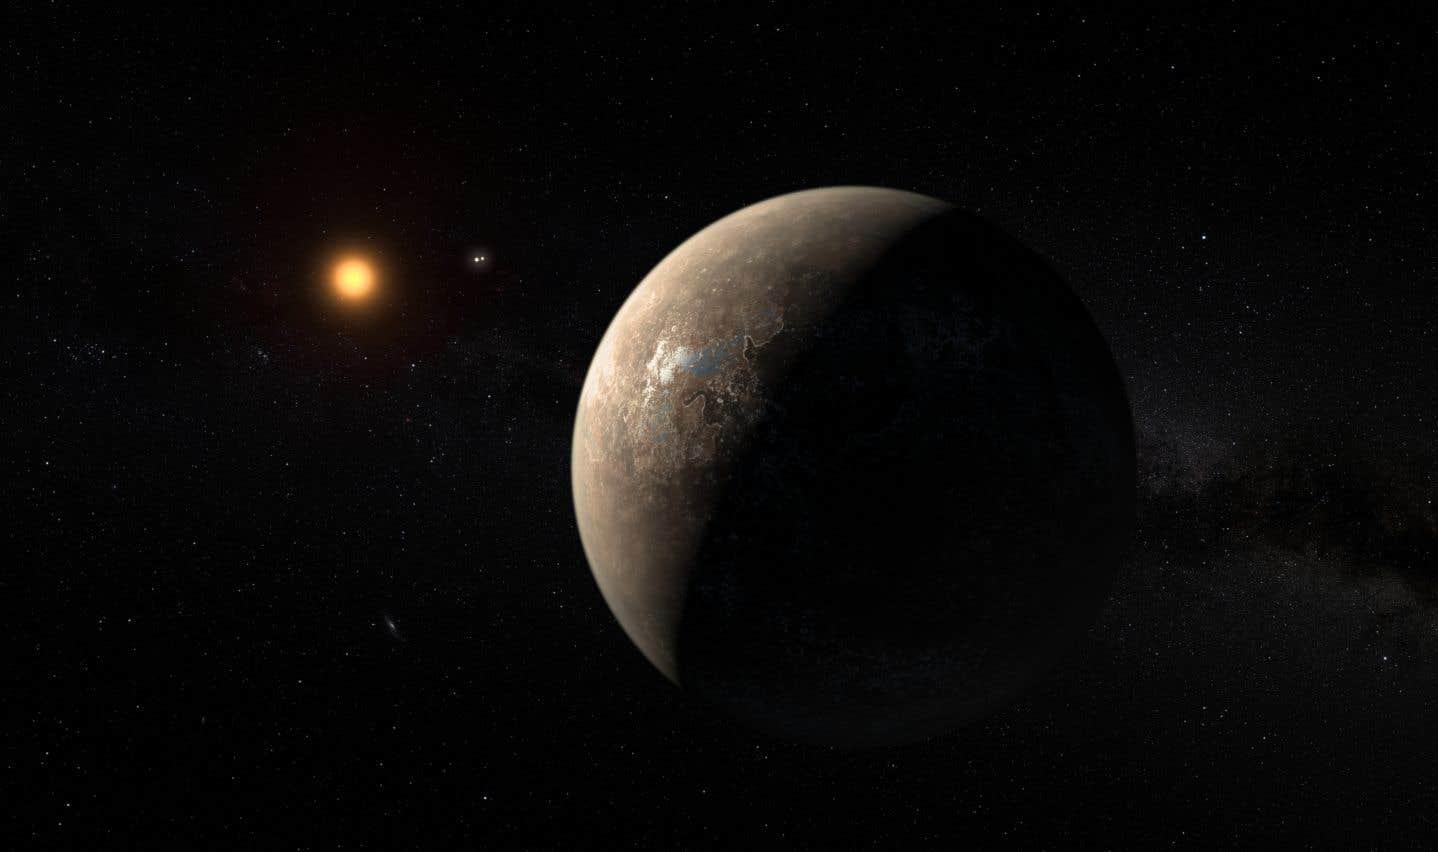 En août 2016, des chercheurs européens ont annoncé la découverte d'une exoplanète de la taille de la Terre qui se trouve dans la zone habitable de la naine rouge Proxima Centauri.